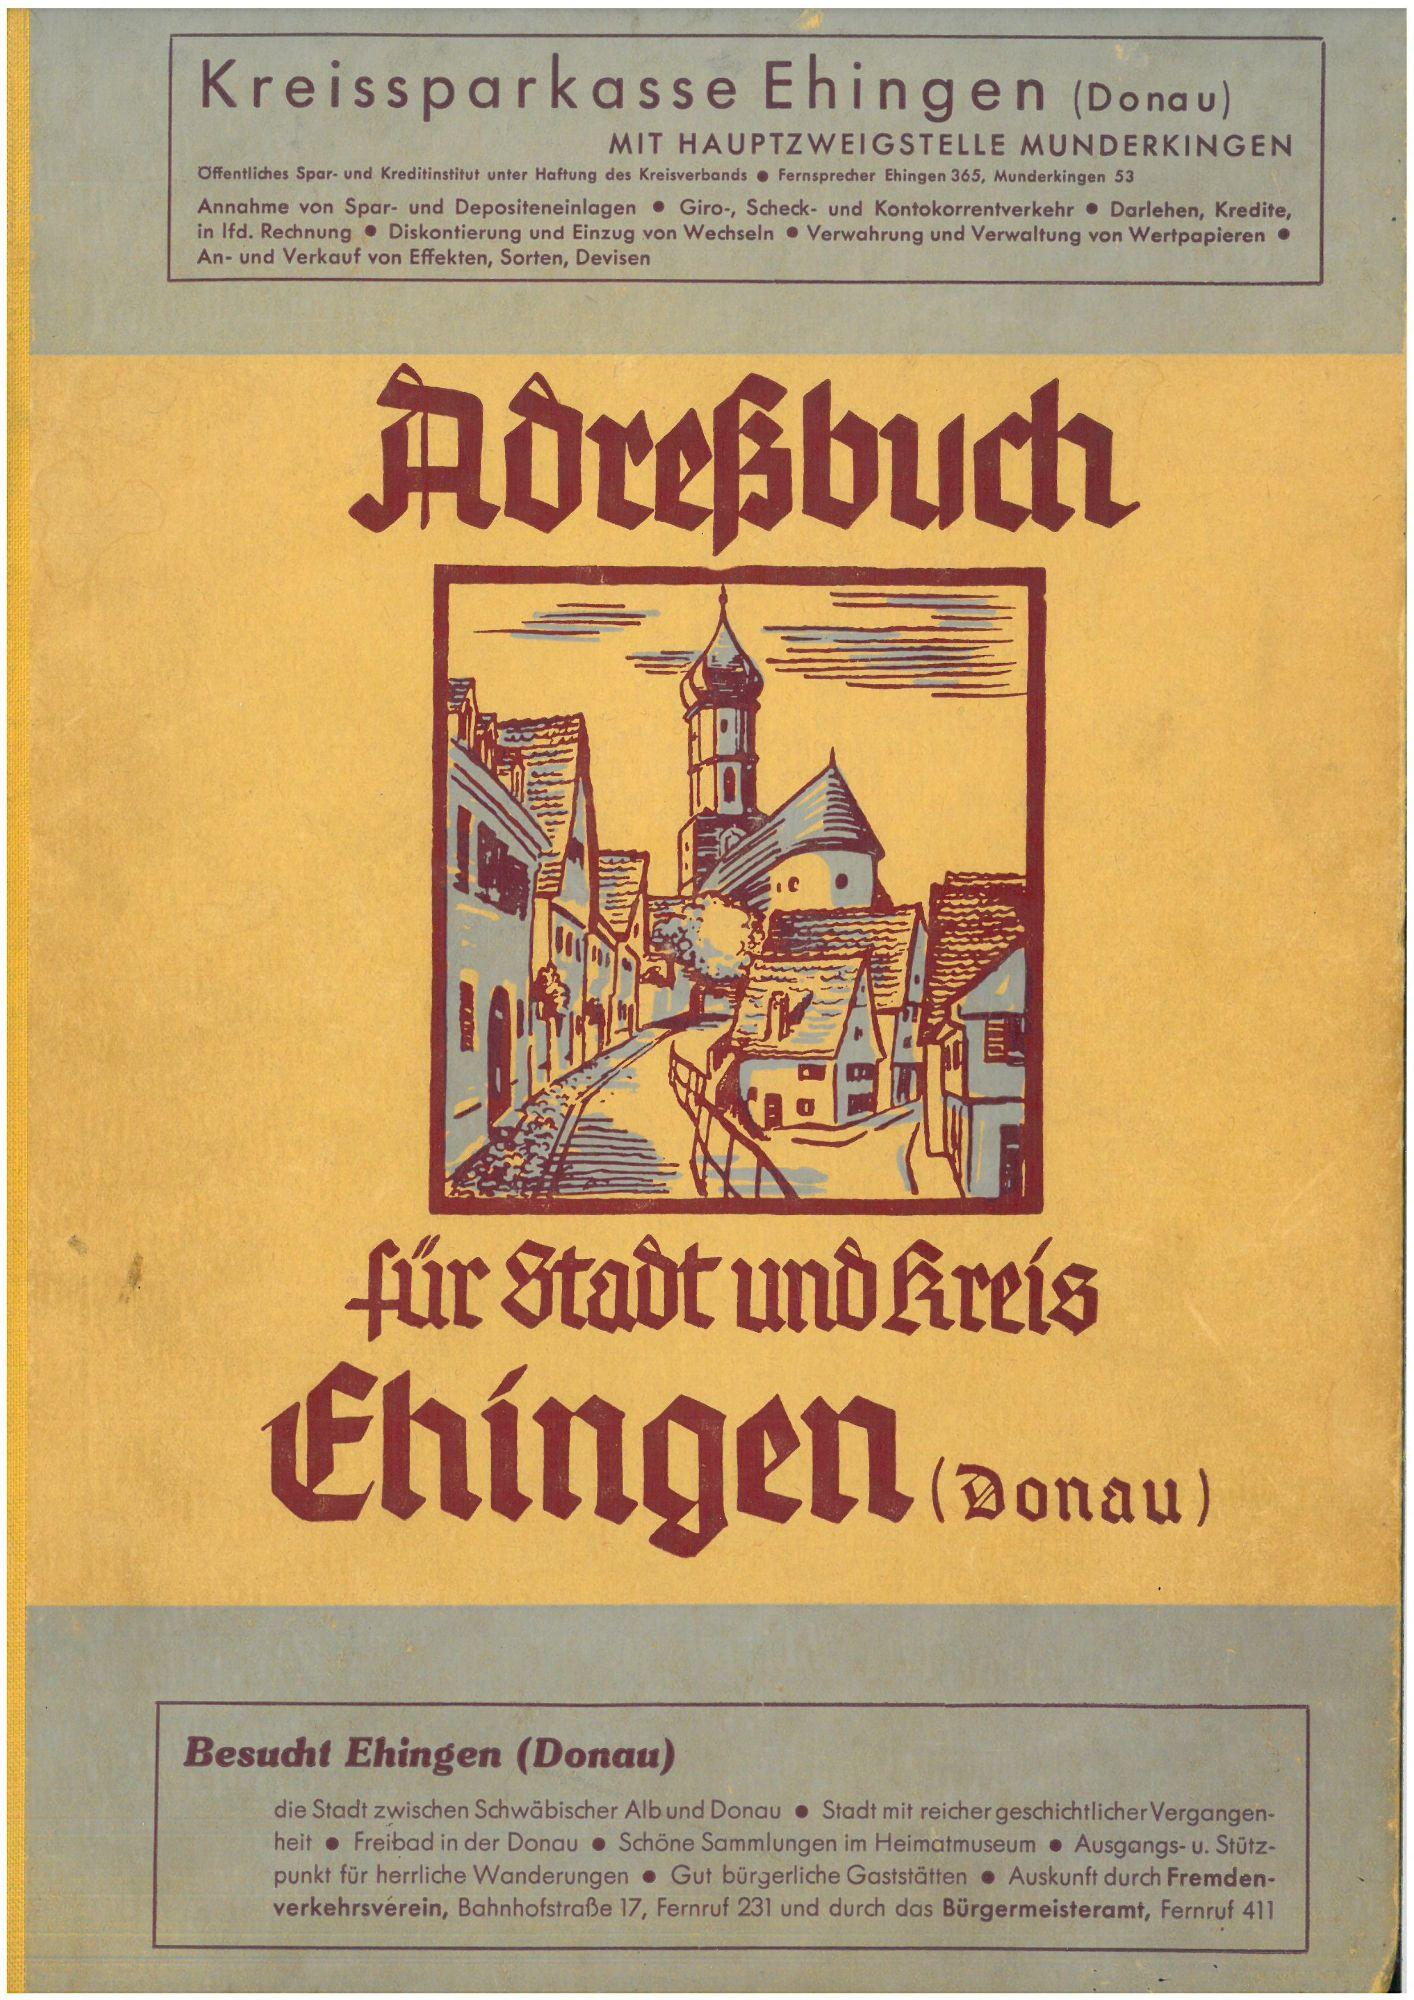 Adreßbuch für Stadt und Kreis Ehingen (Donau) 1943